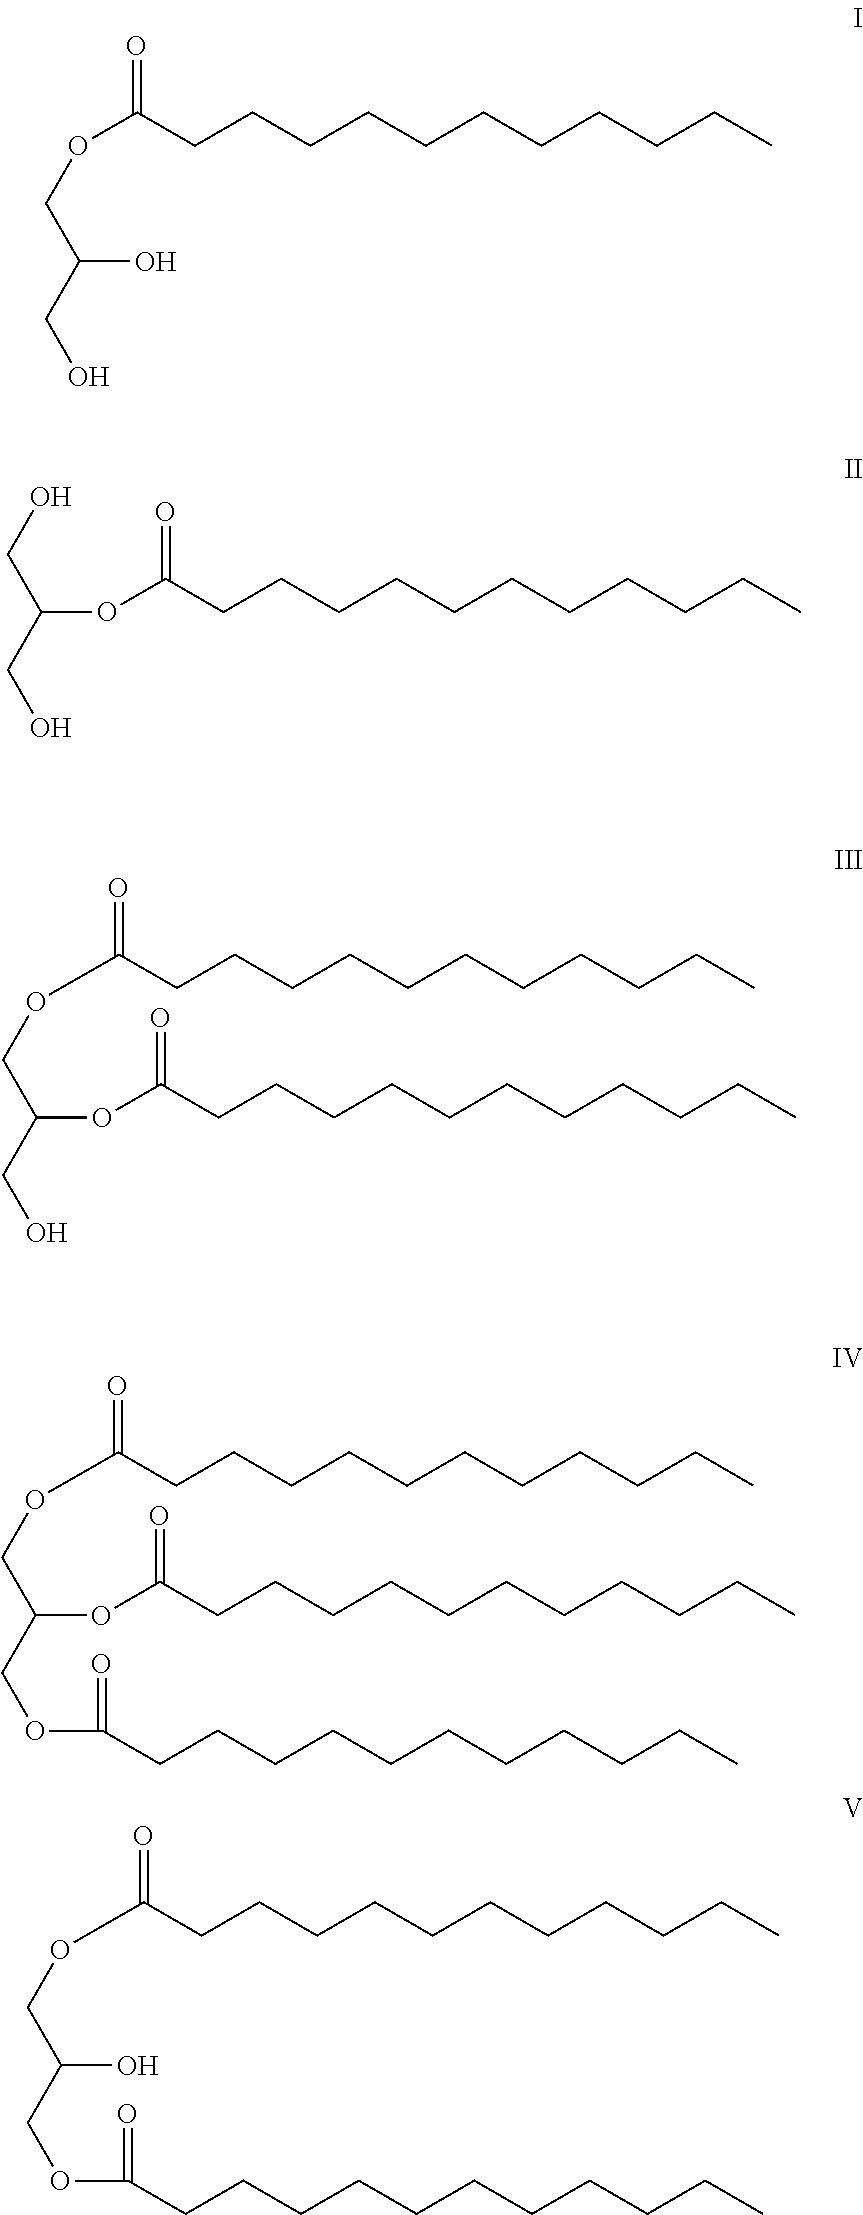 Figure US08168611-20120501-C00014